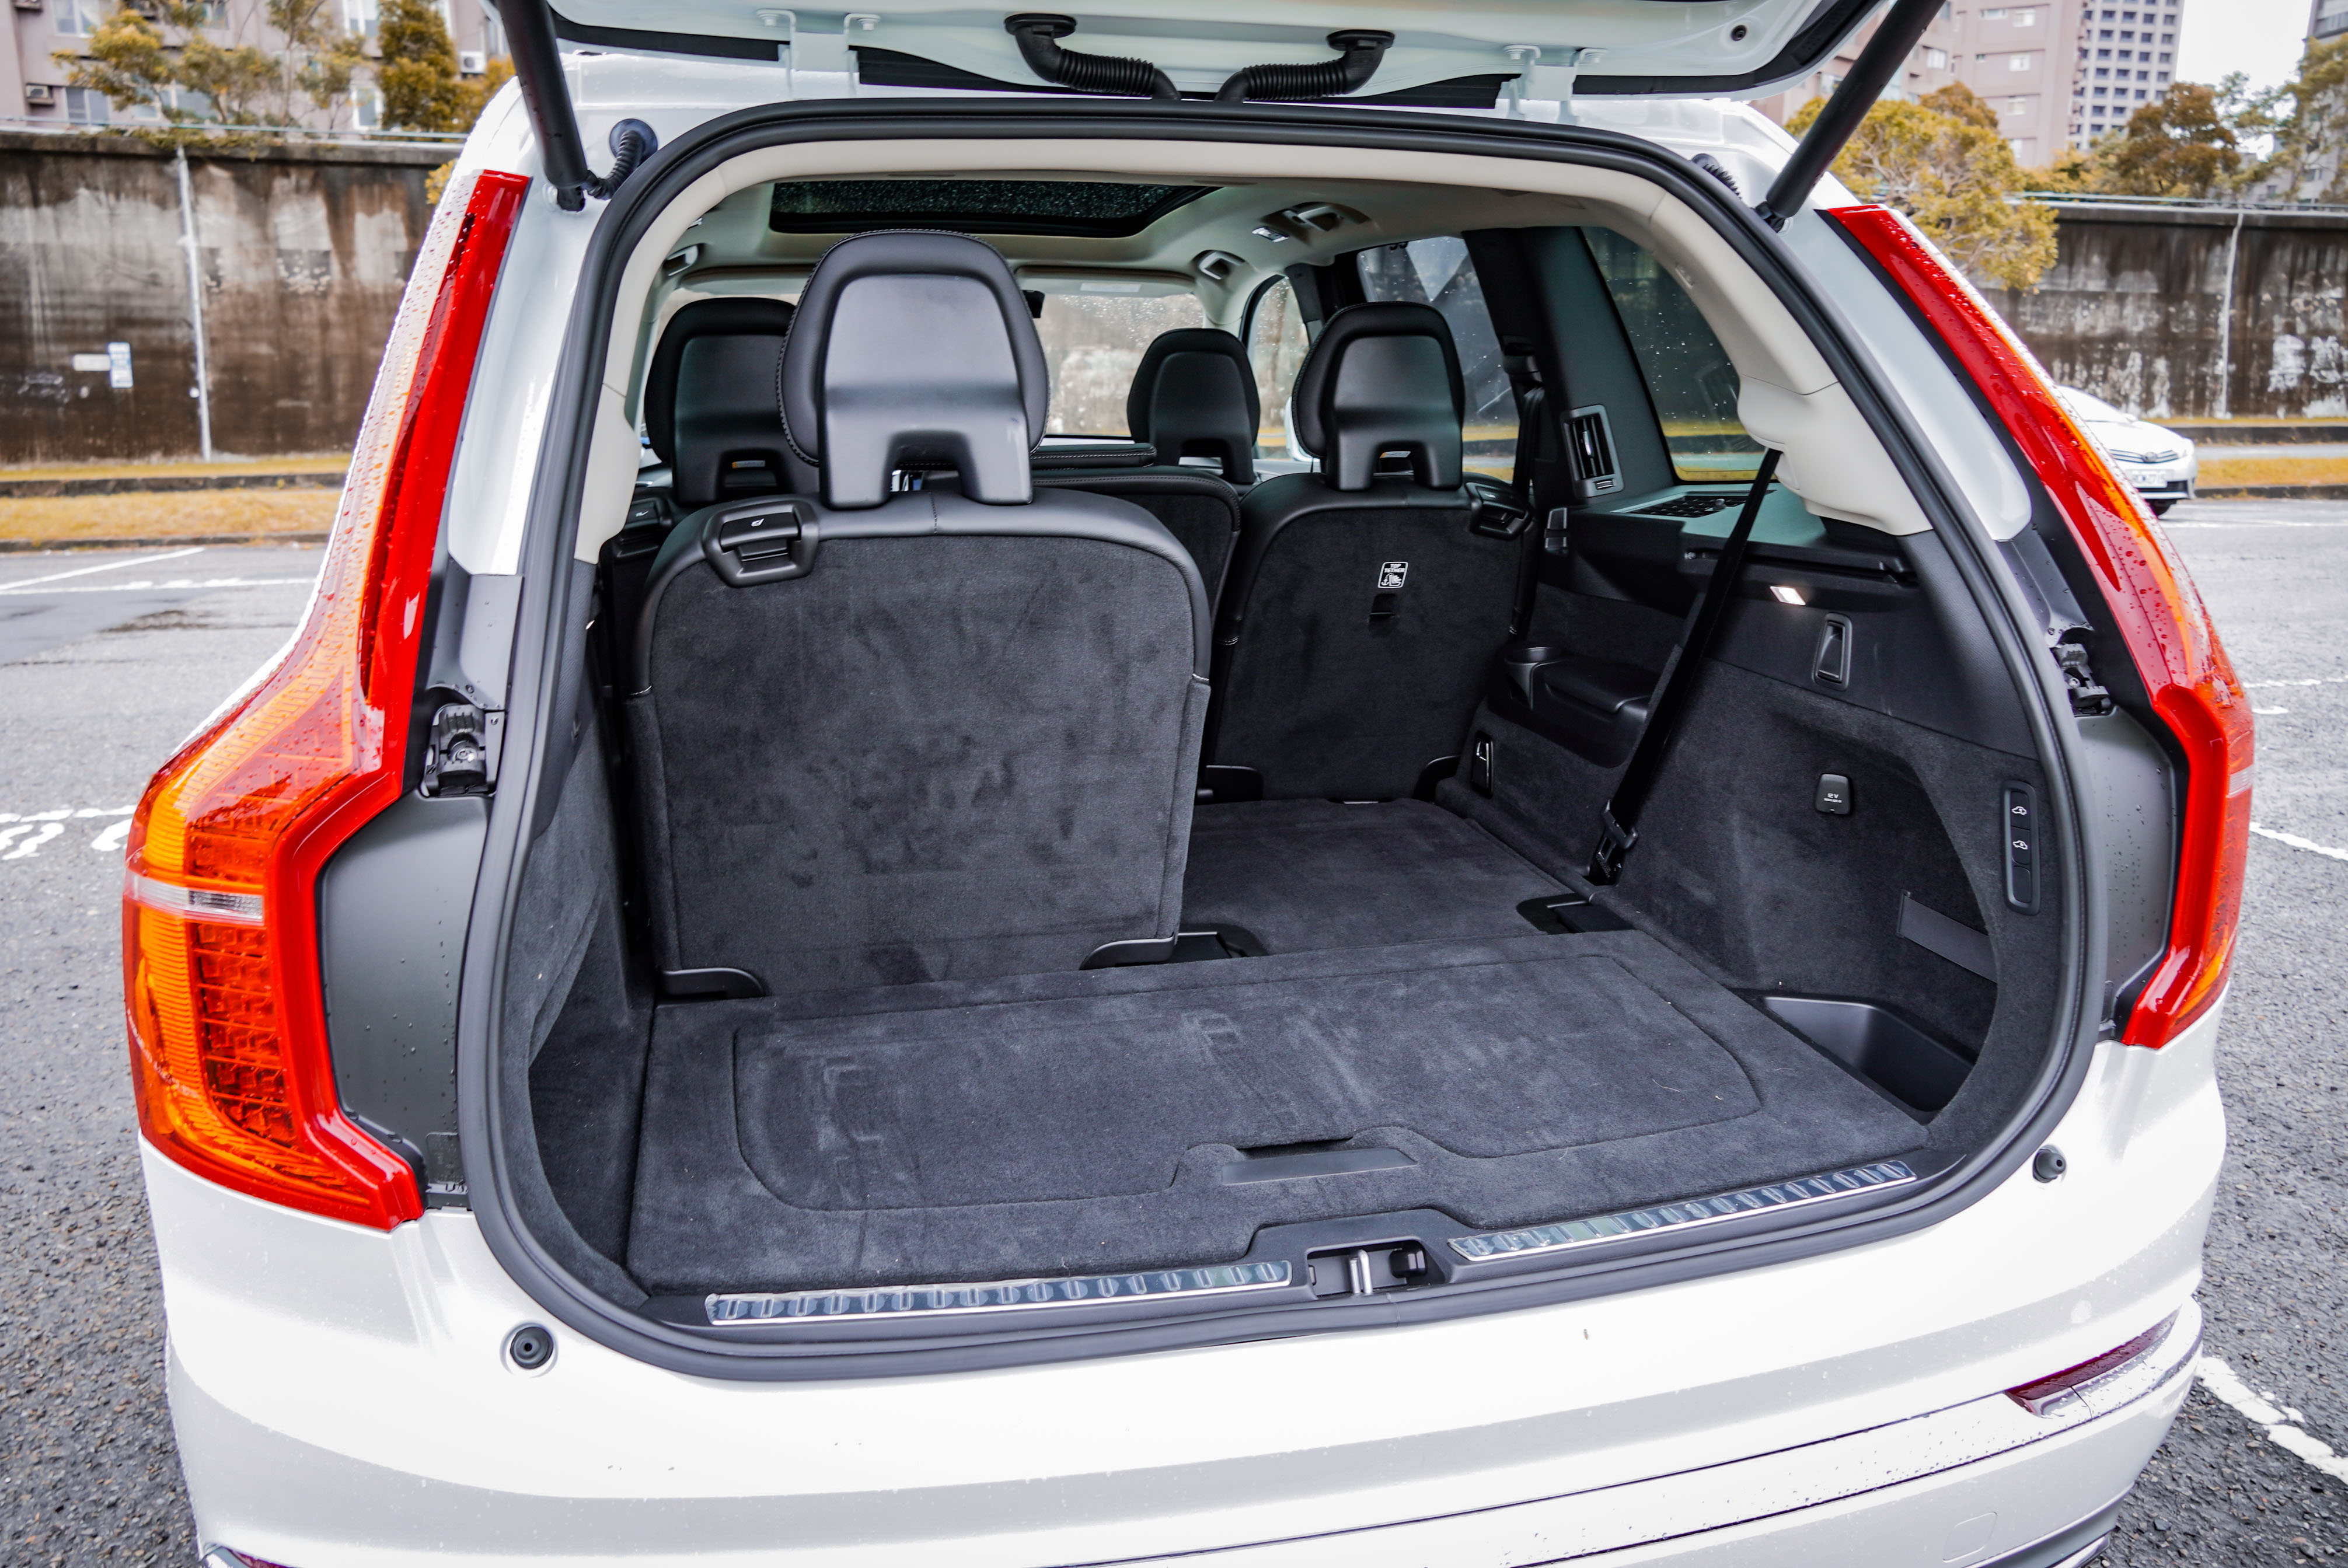 三排座椅立起時,基本容積為 282 L。